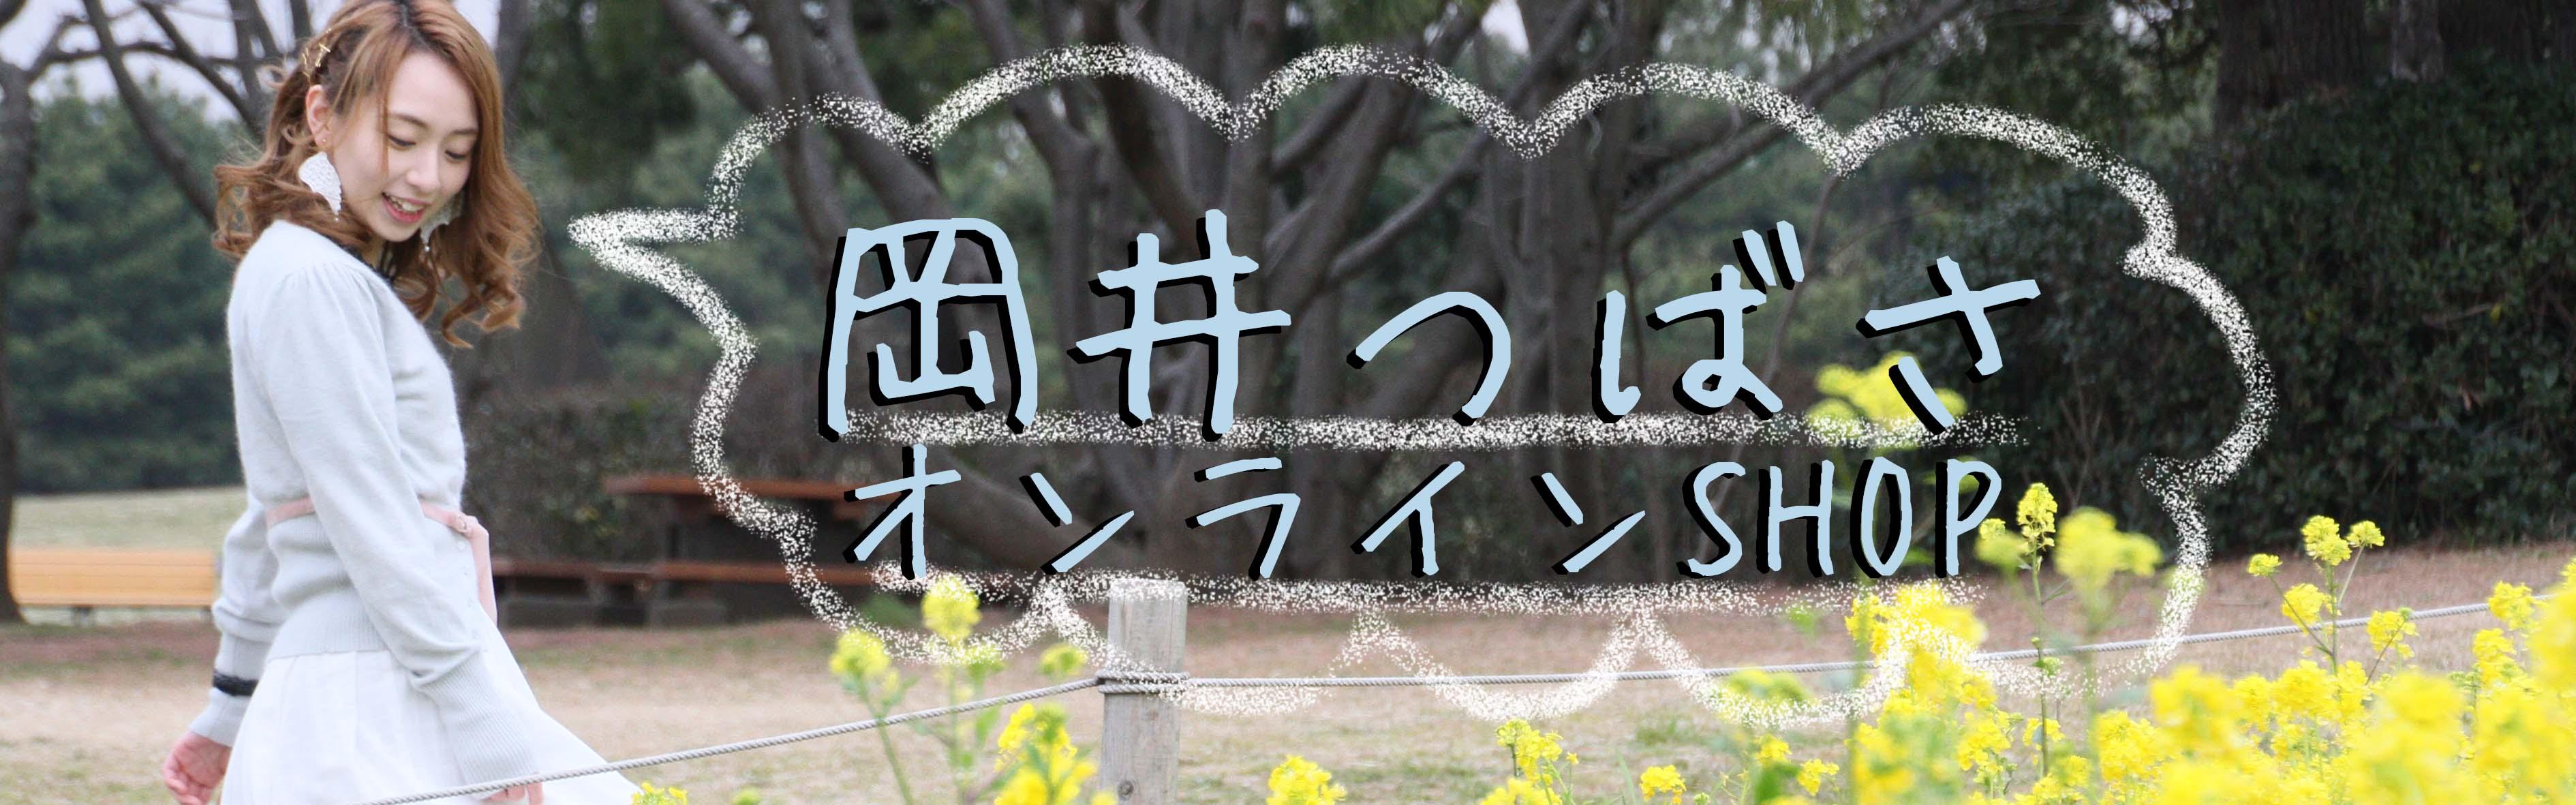 okaitsubasa